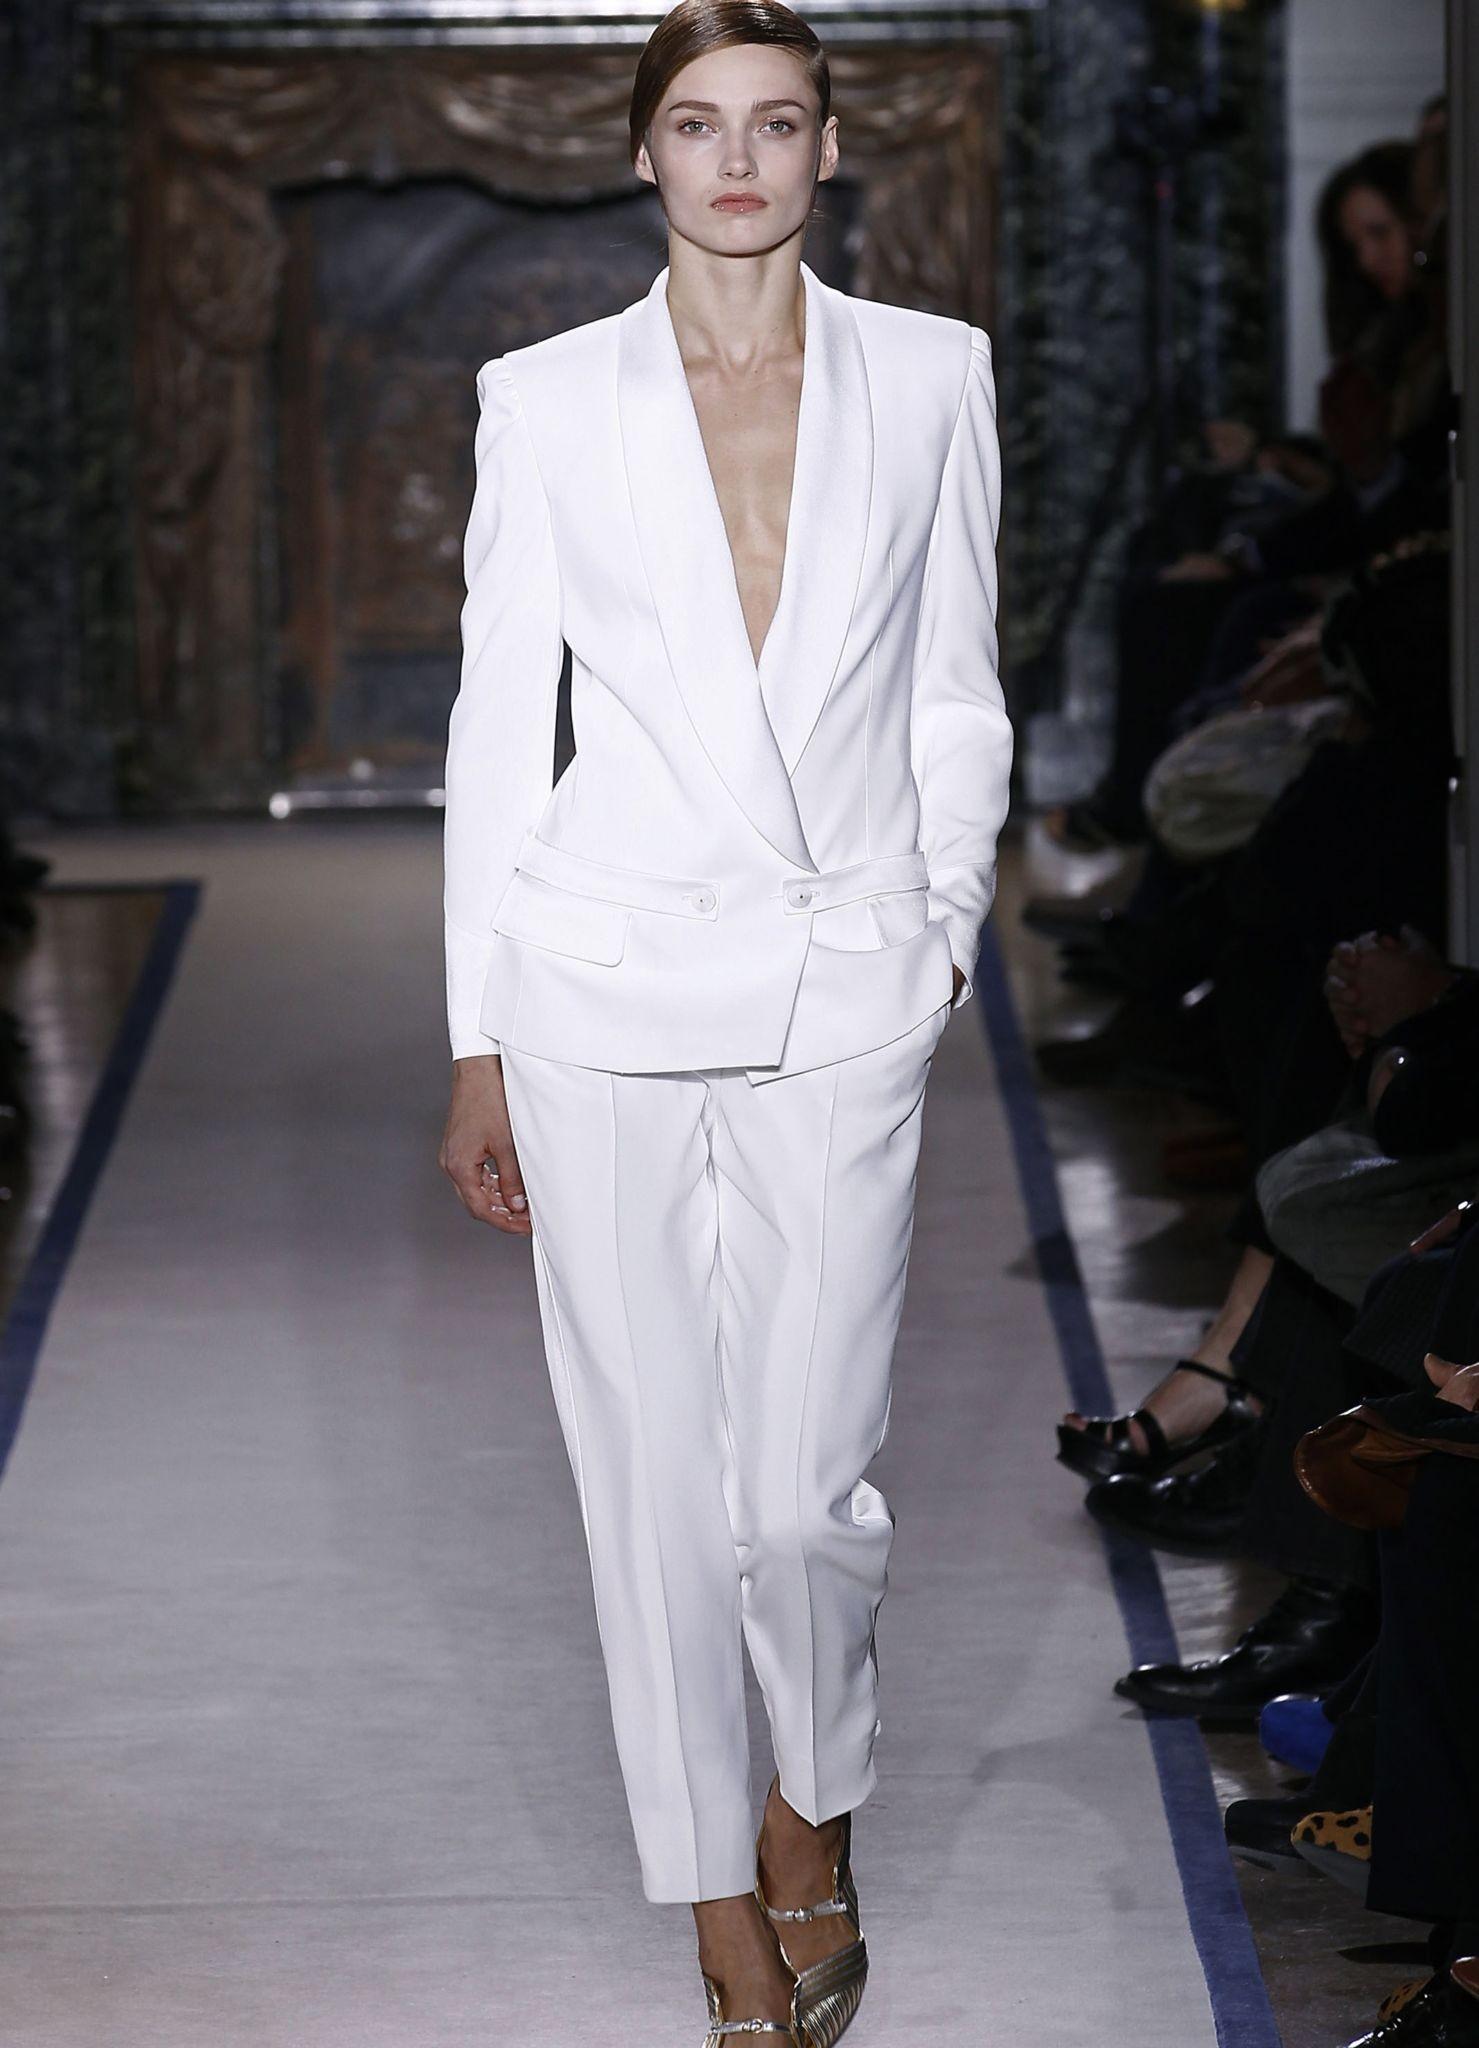 модные вечерние платья 2018: костюм белый оверсайз